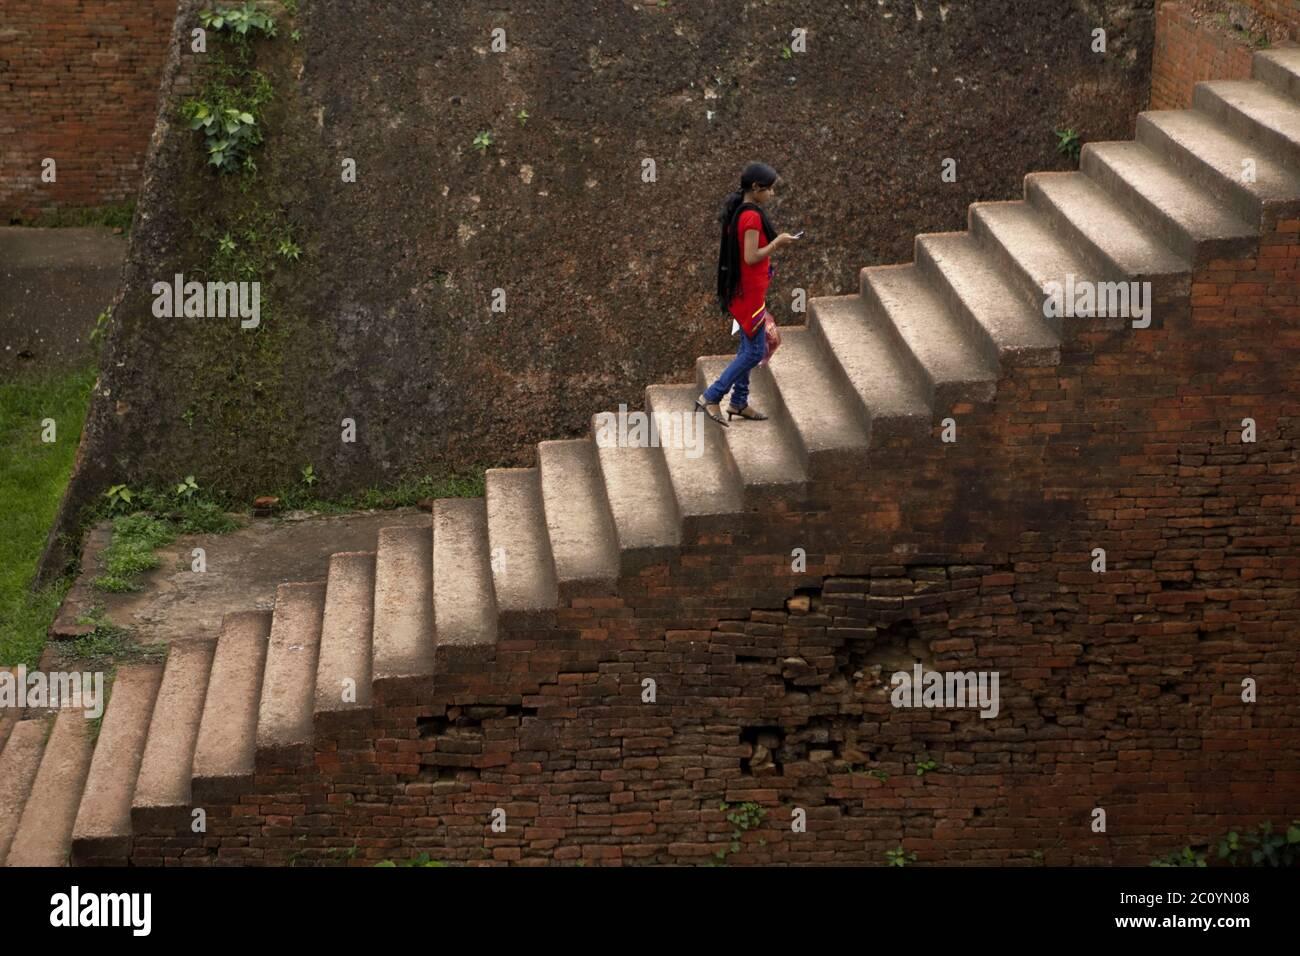 Una mujer que se acerca a la escalera del Monasterio 1 en el antiguo complejo universitario budista de Nalanda en Nalanda, Bihar, India. Foto de stock